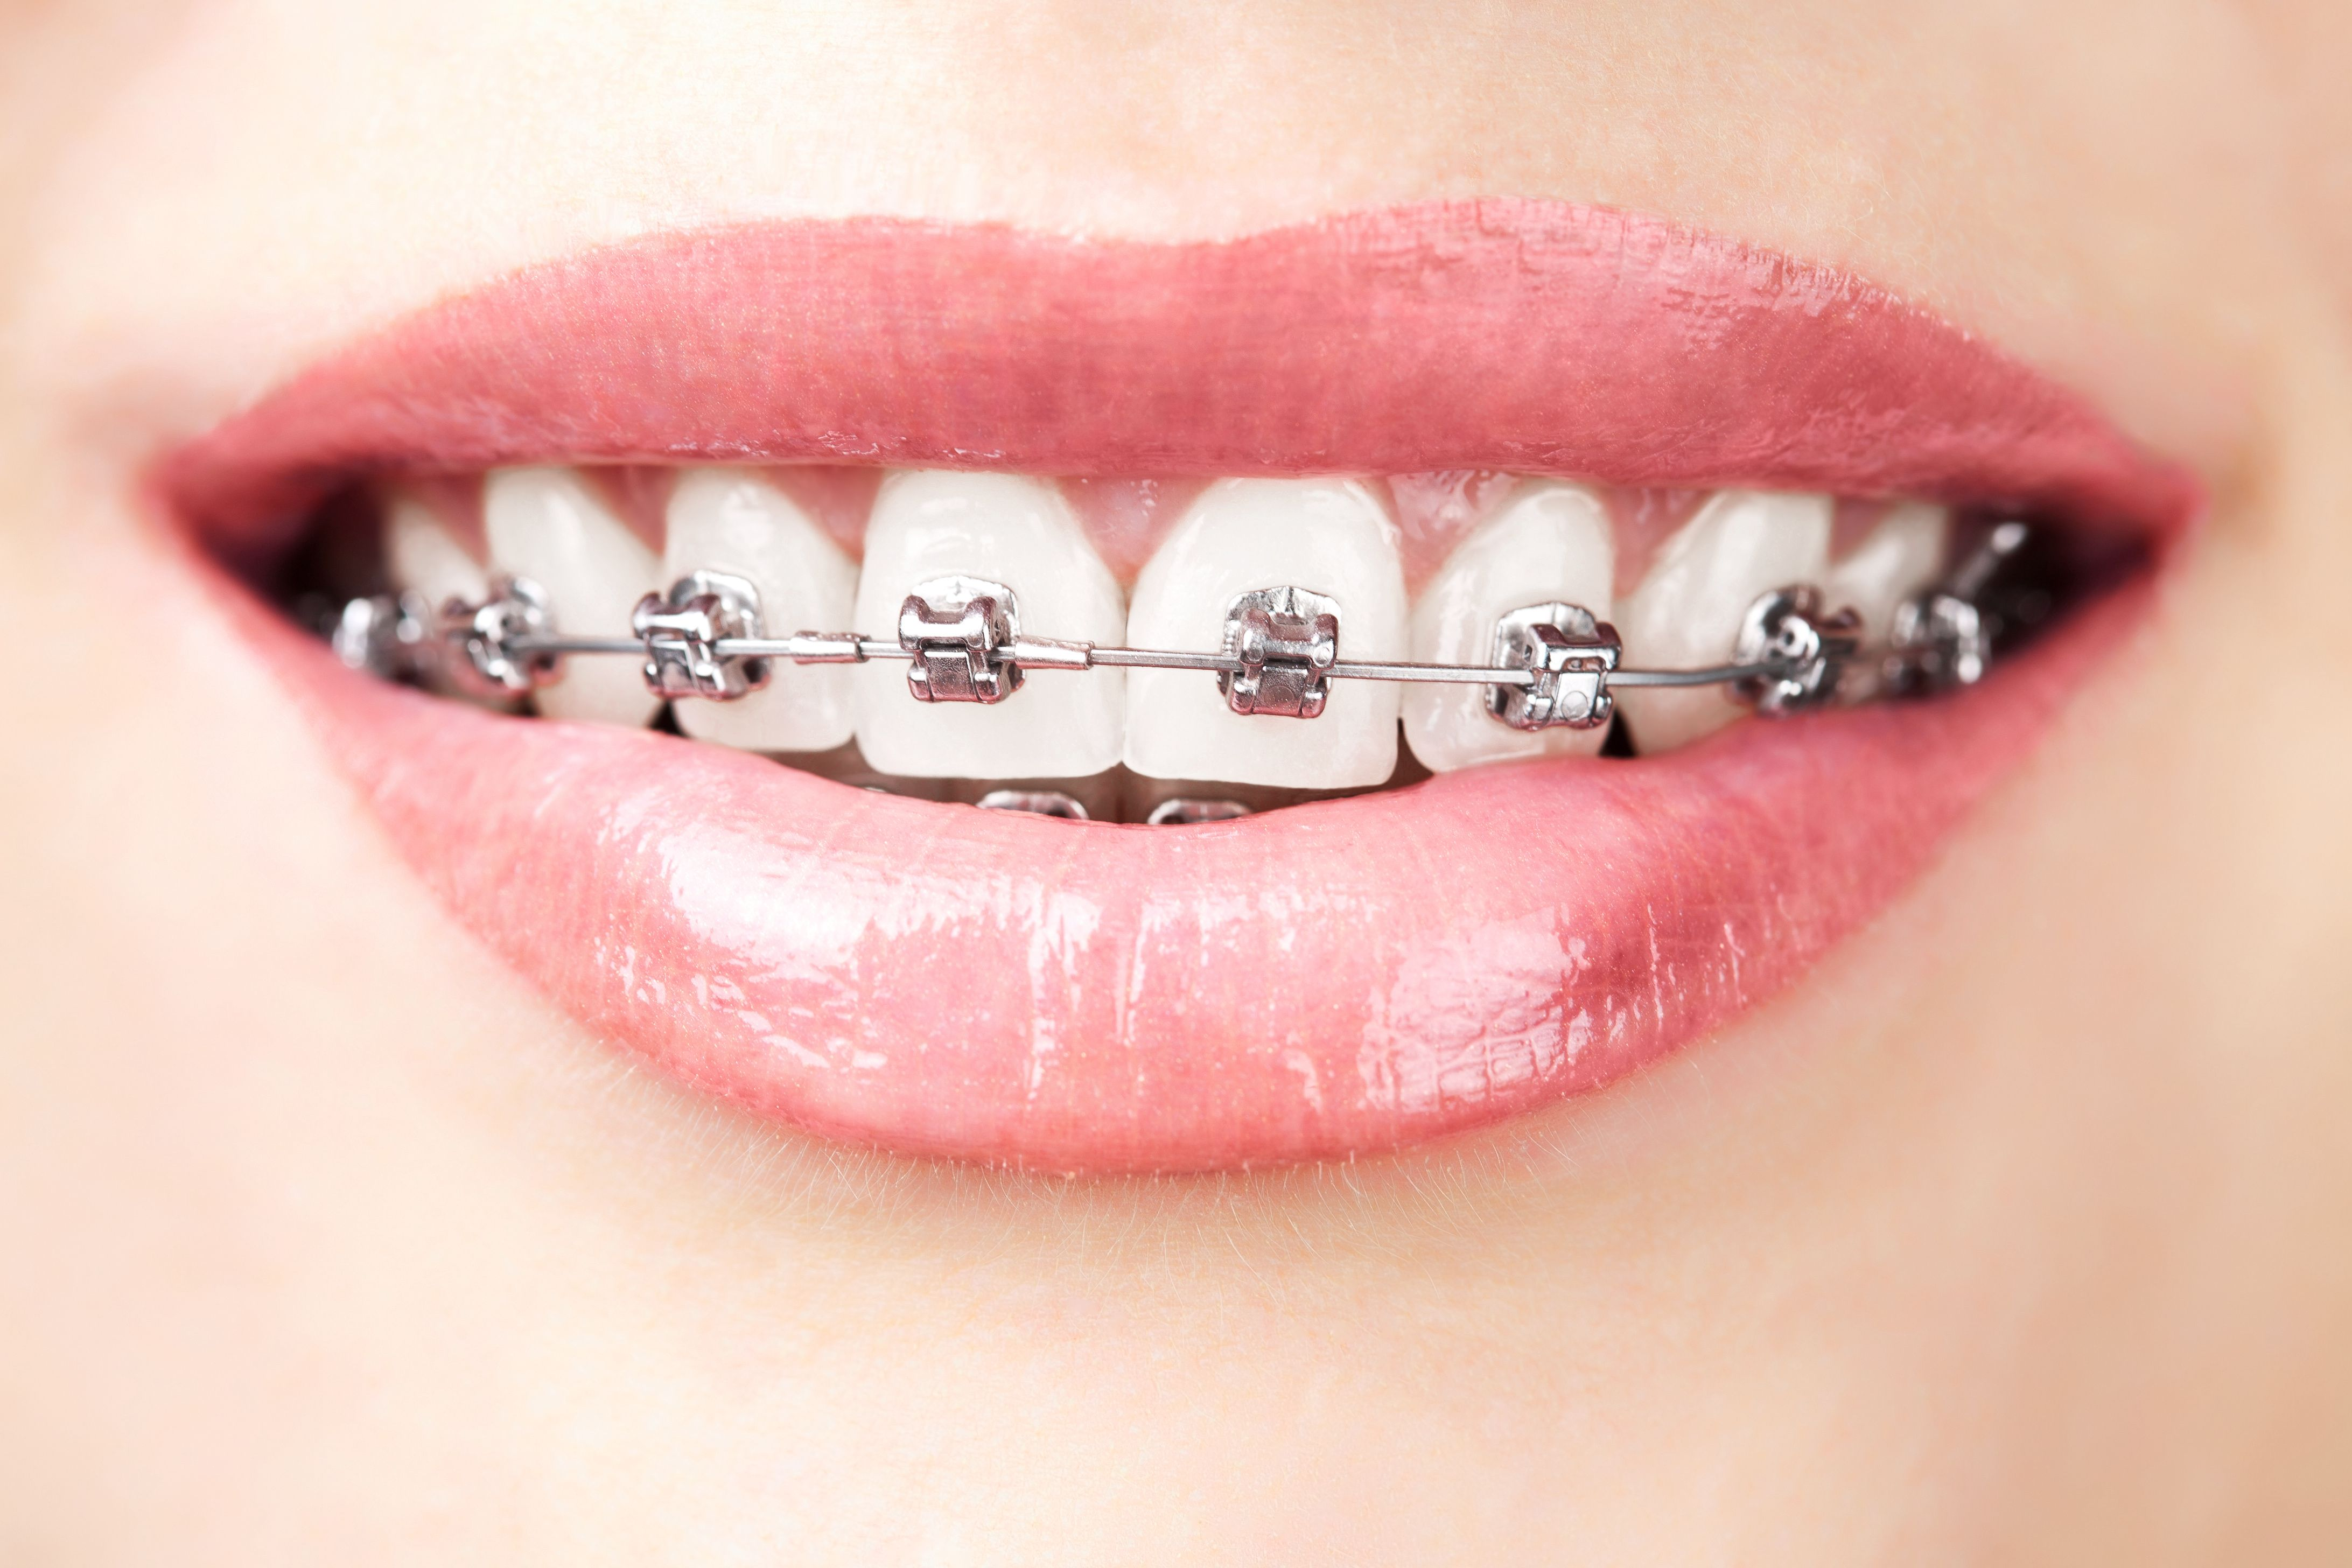 Orthodontist In Charleston Sc Space Age Wire And Braces Dental Braces Teeth Braces Teeth Straightening